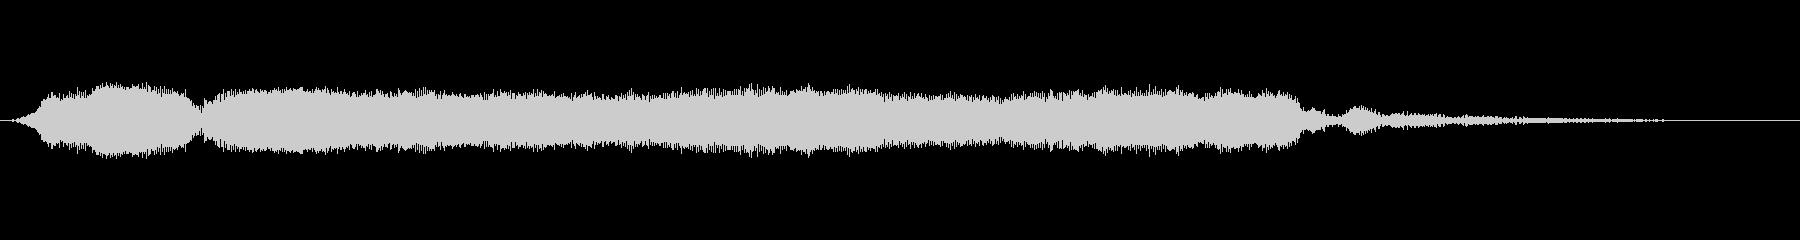 ぼーーーーーっ(船の汽笛)の未再生の波形